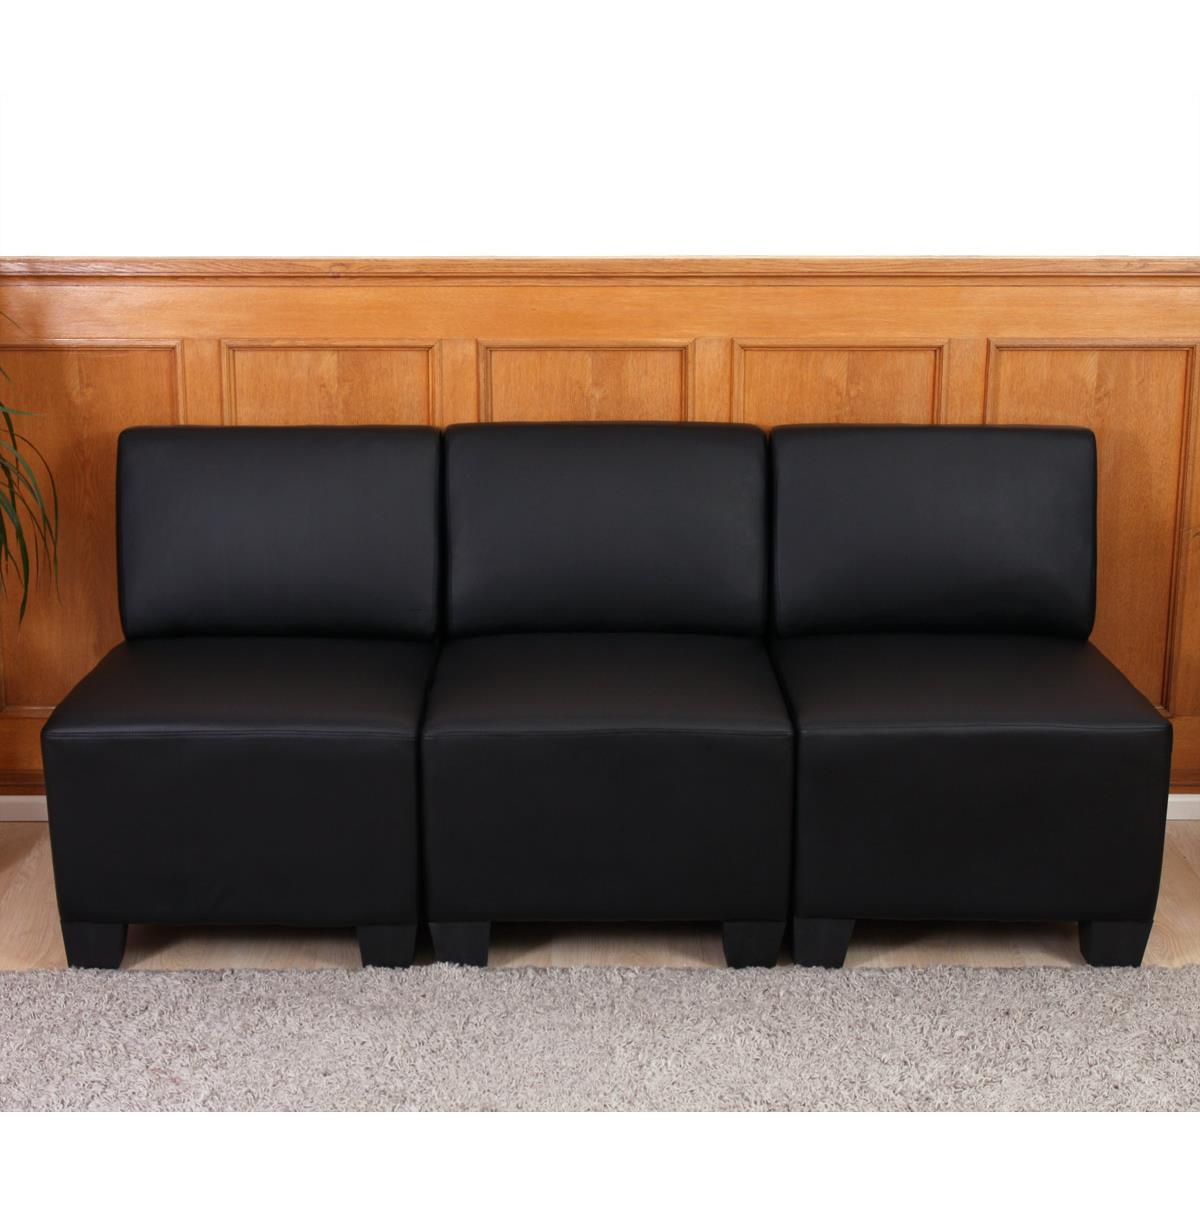 Divano modulare 3 posti lyon design moderno comodo in - Divano pelle nera ...